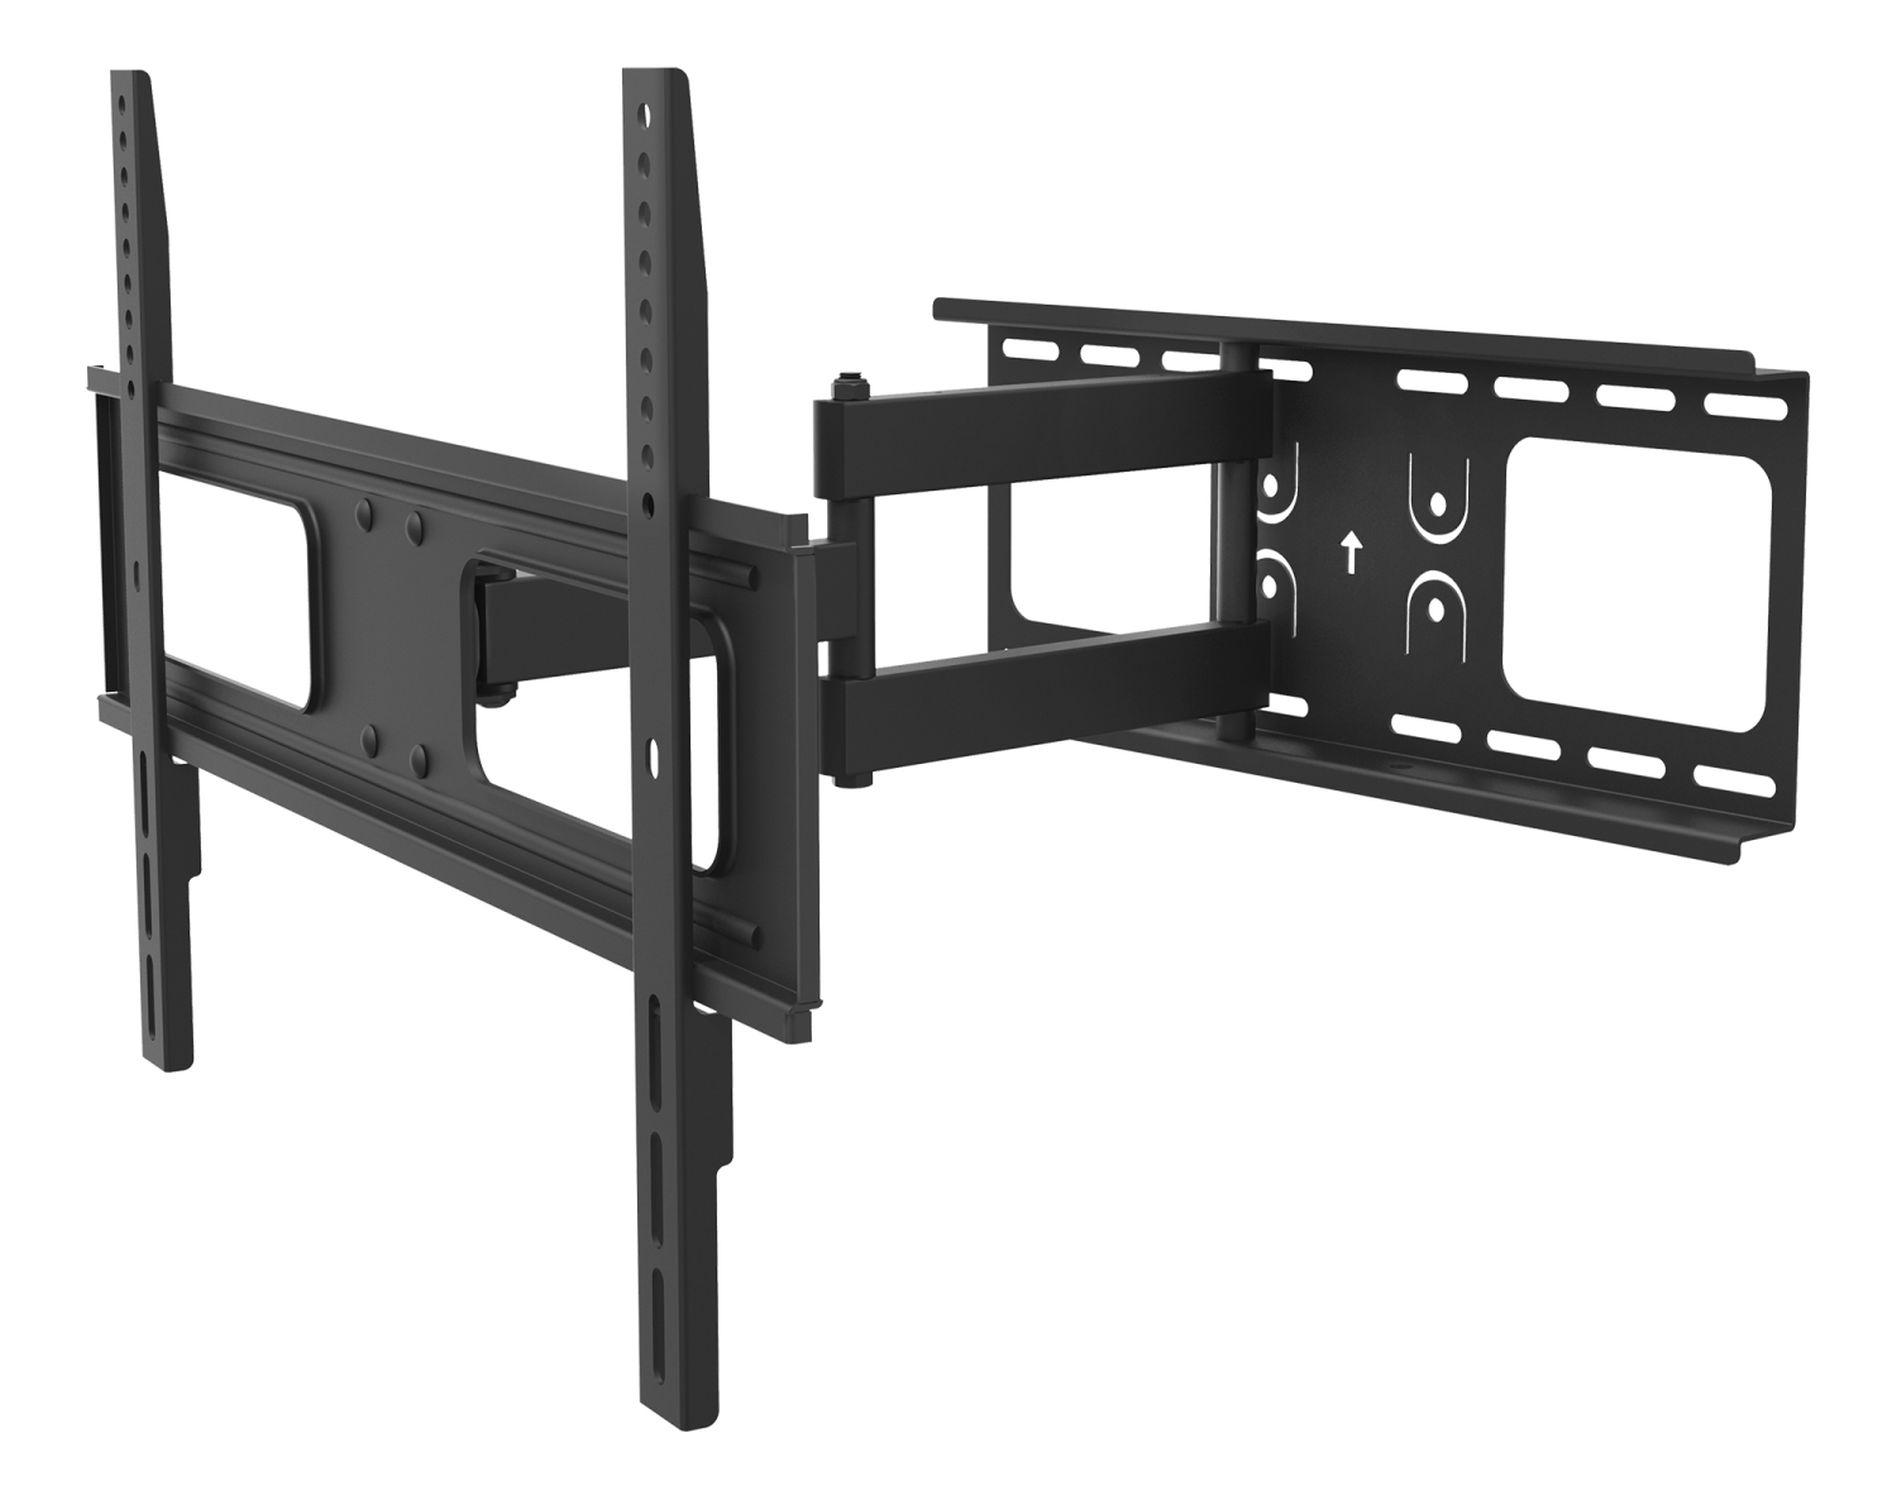 Deltaco ARM-460 Wandhalterung beweglich, für TV/Monitor 37-70 Zoll